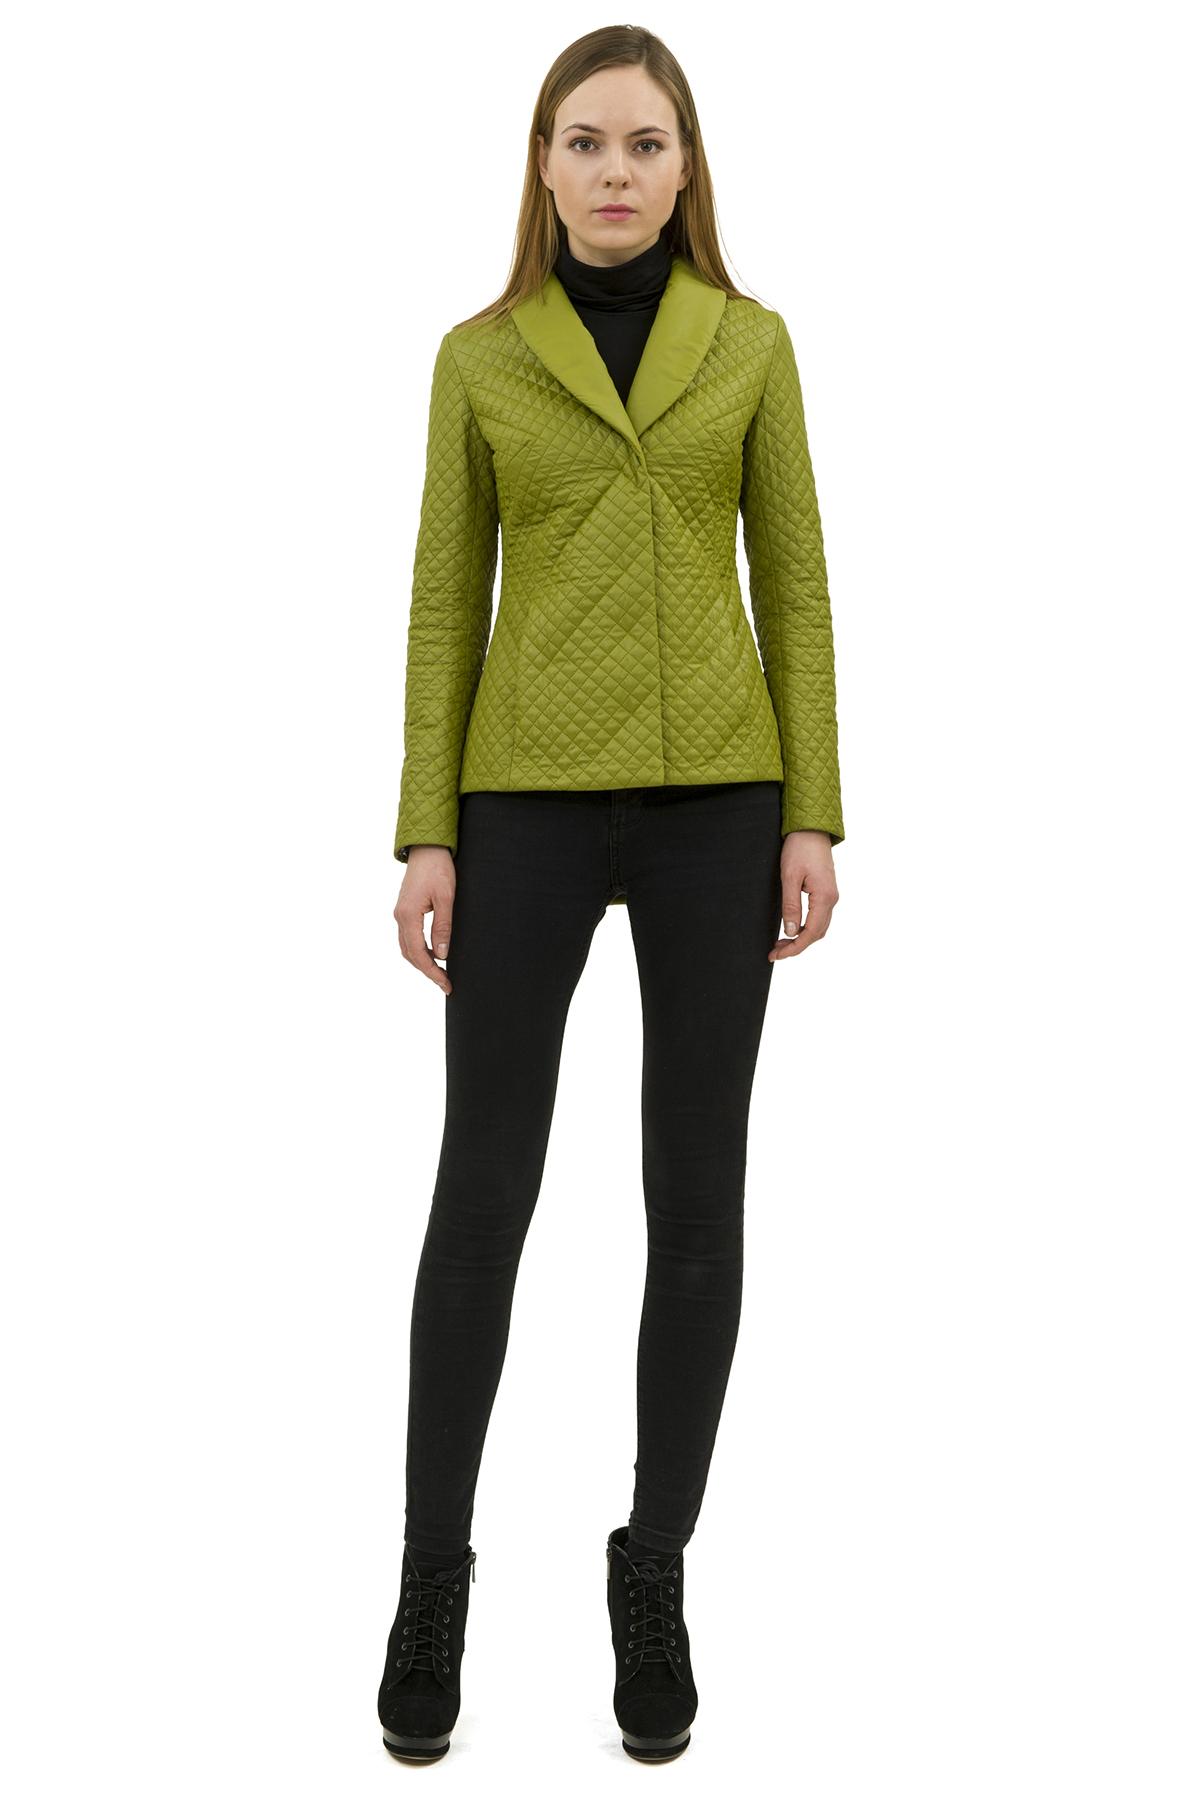 КурткаЖенские куртки, плащи, пальто<br>Стильная модель женской курткиспособна выделить Вас из общей толпы.Комфортный вариант на каждый день.<br><br>Цвет: оливковый<br>Состав: 100% полиэстер<br>Размер: 50,52<br>Страна дизайна: Россия<br>Страна производства: Россия